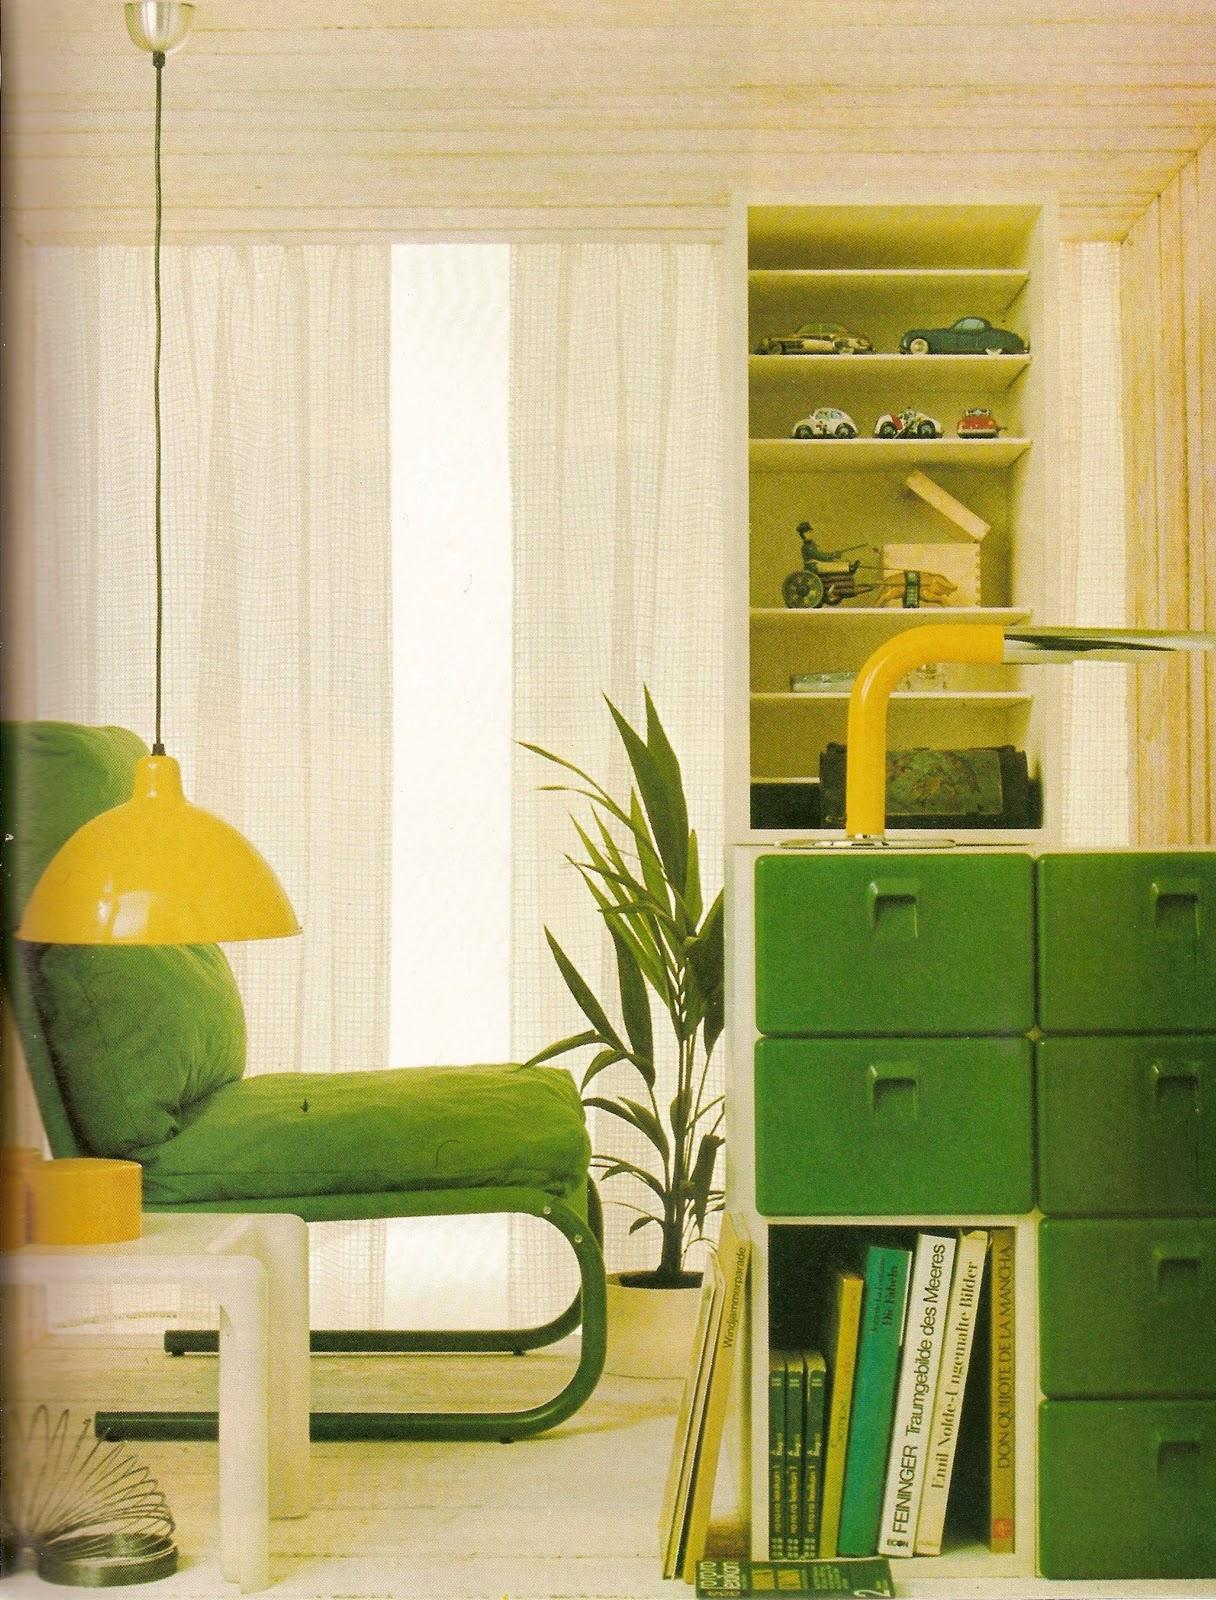 Inspirierend Tapeten Schöner Wohnen Design